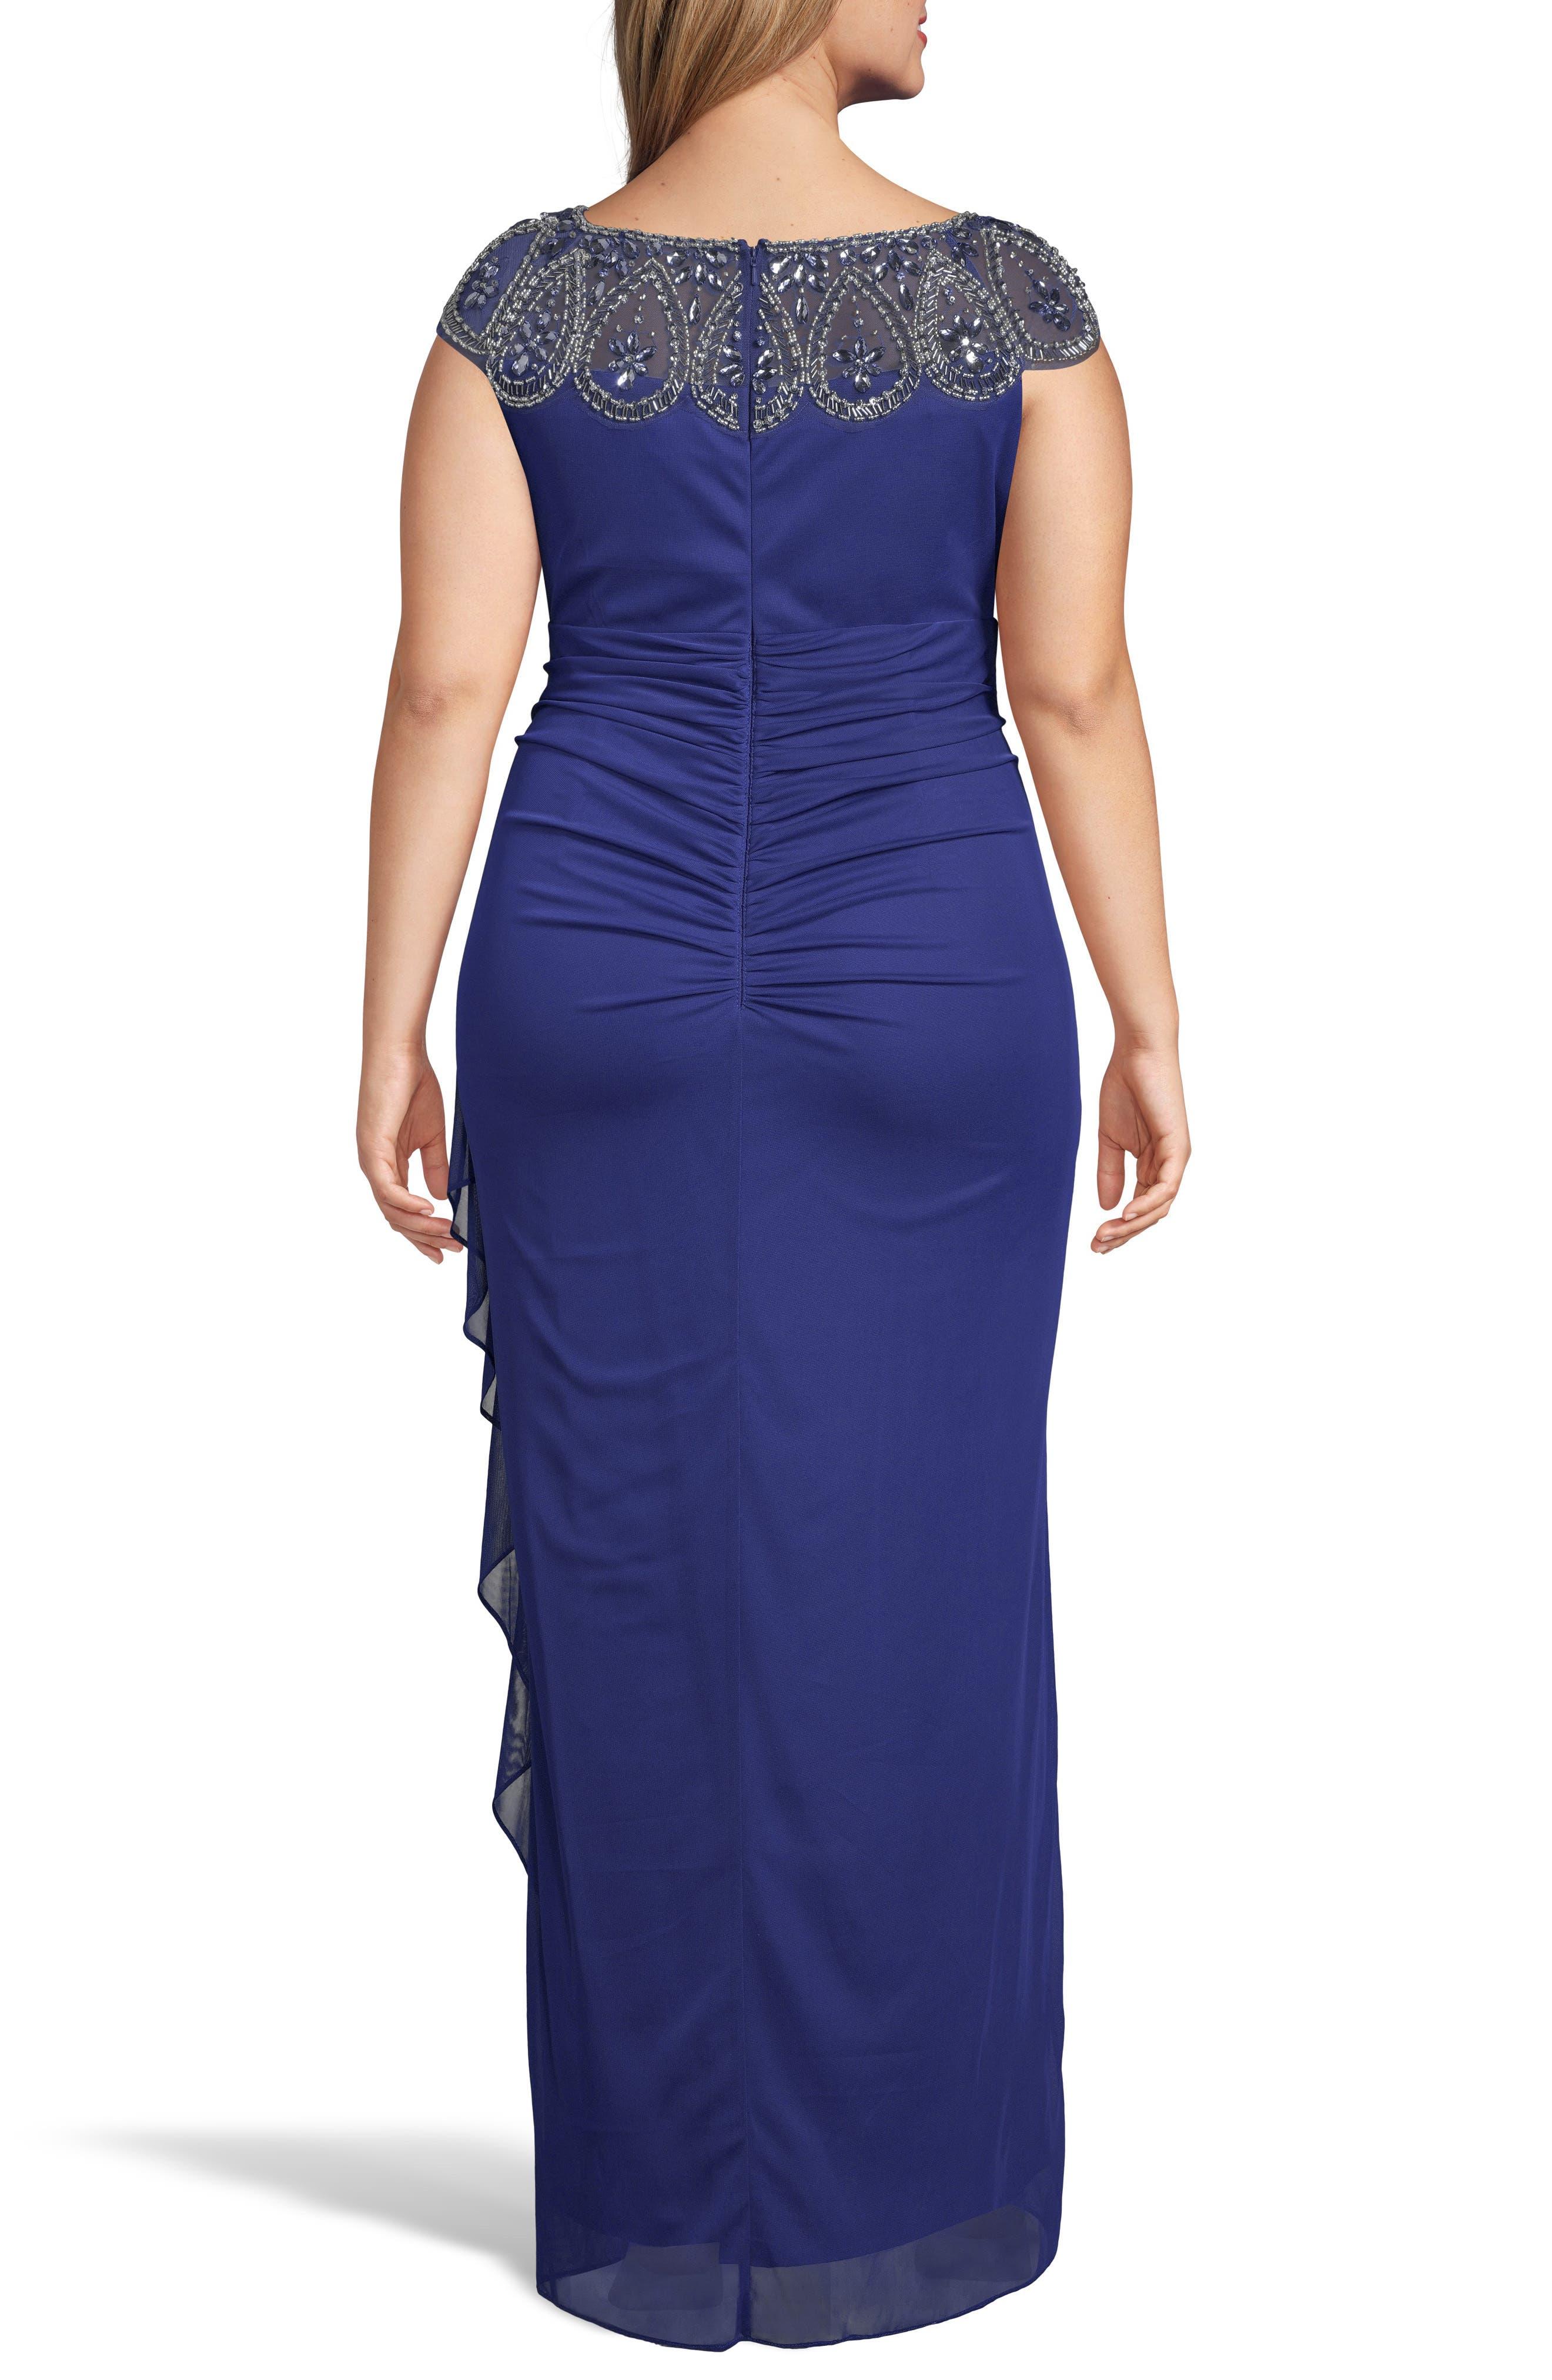 0a864014ea Formal Plus-Size Dresses